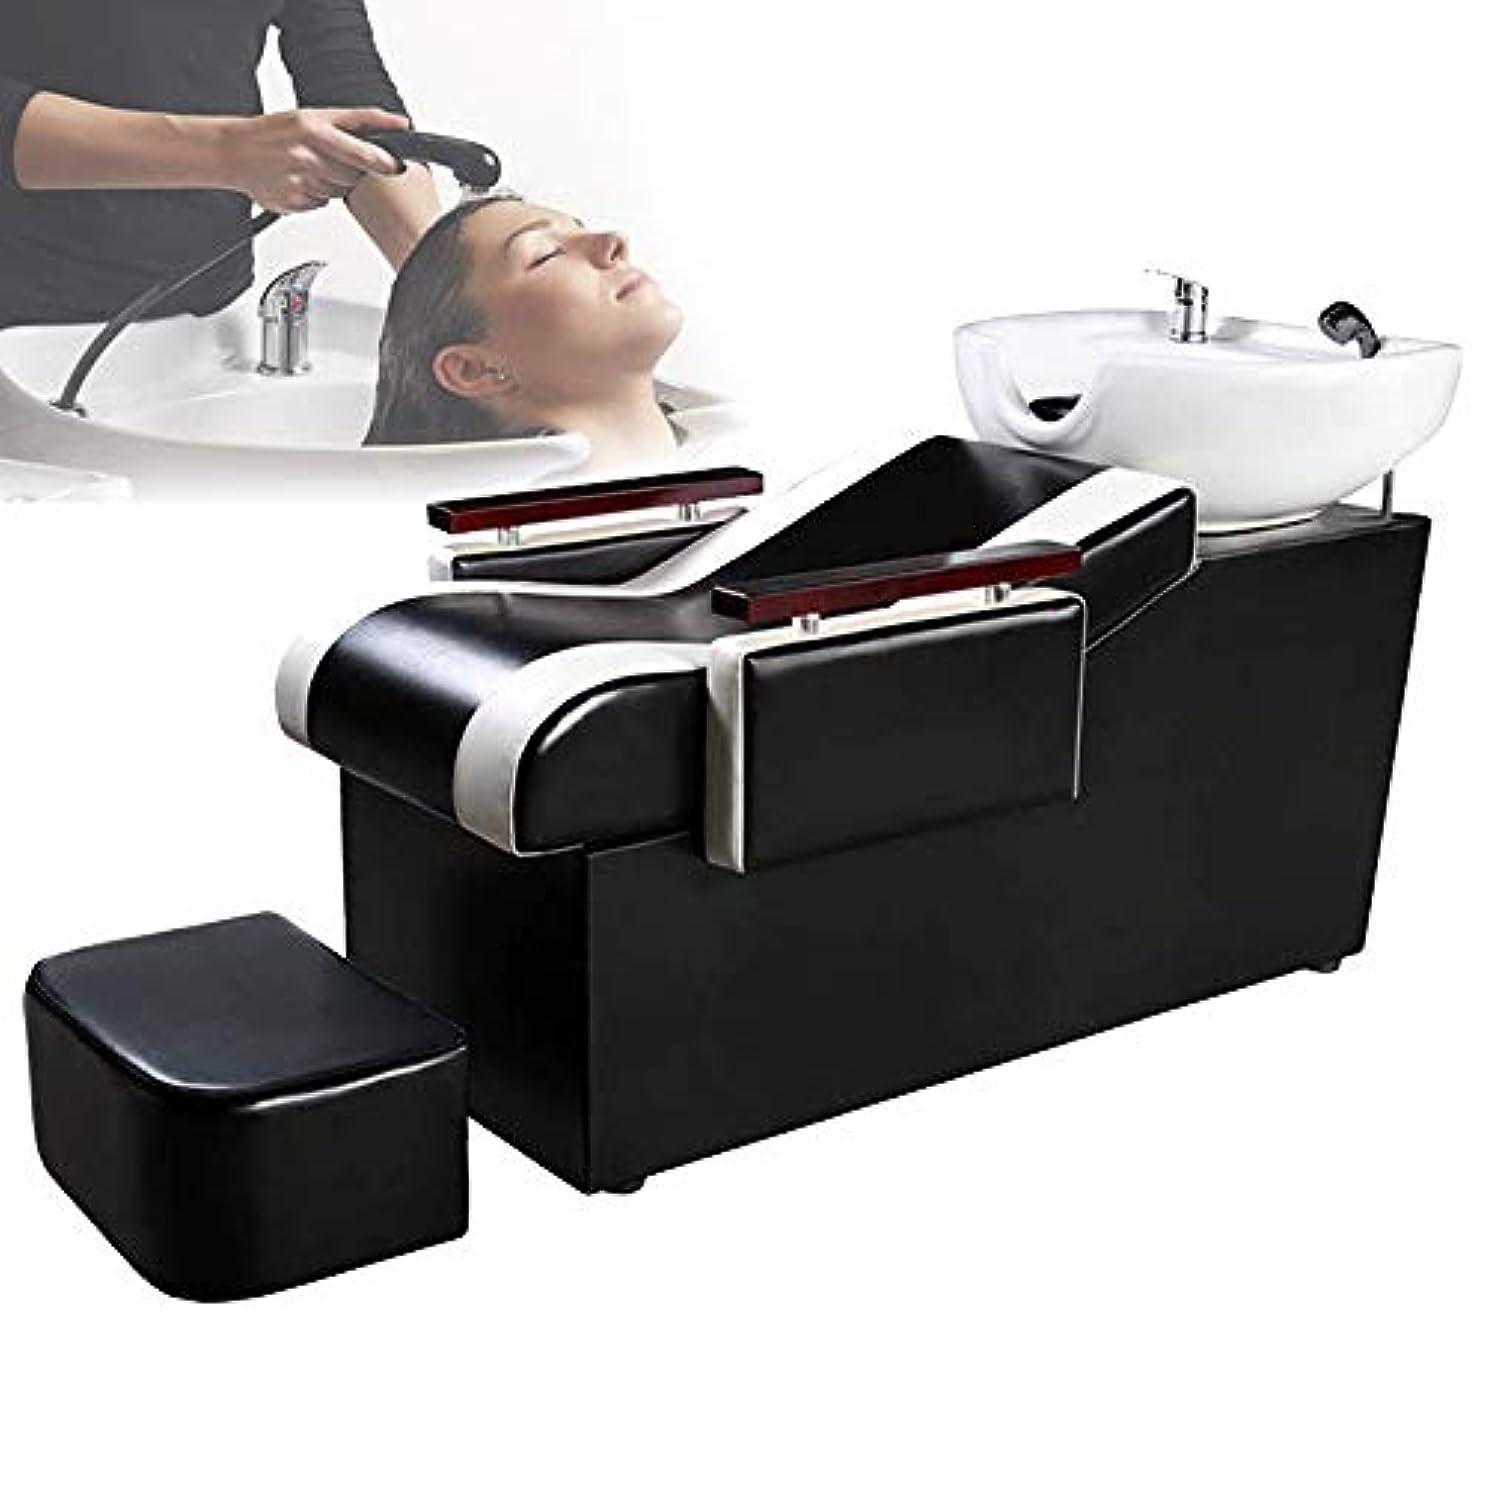 札入れ眠るユーザーシャンプーベッド、バックウォッシュユニットシャンプーボウル理髪用シンクチェアスパ用美容院用機器シャンプーベッド(黒)